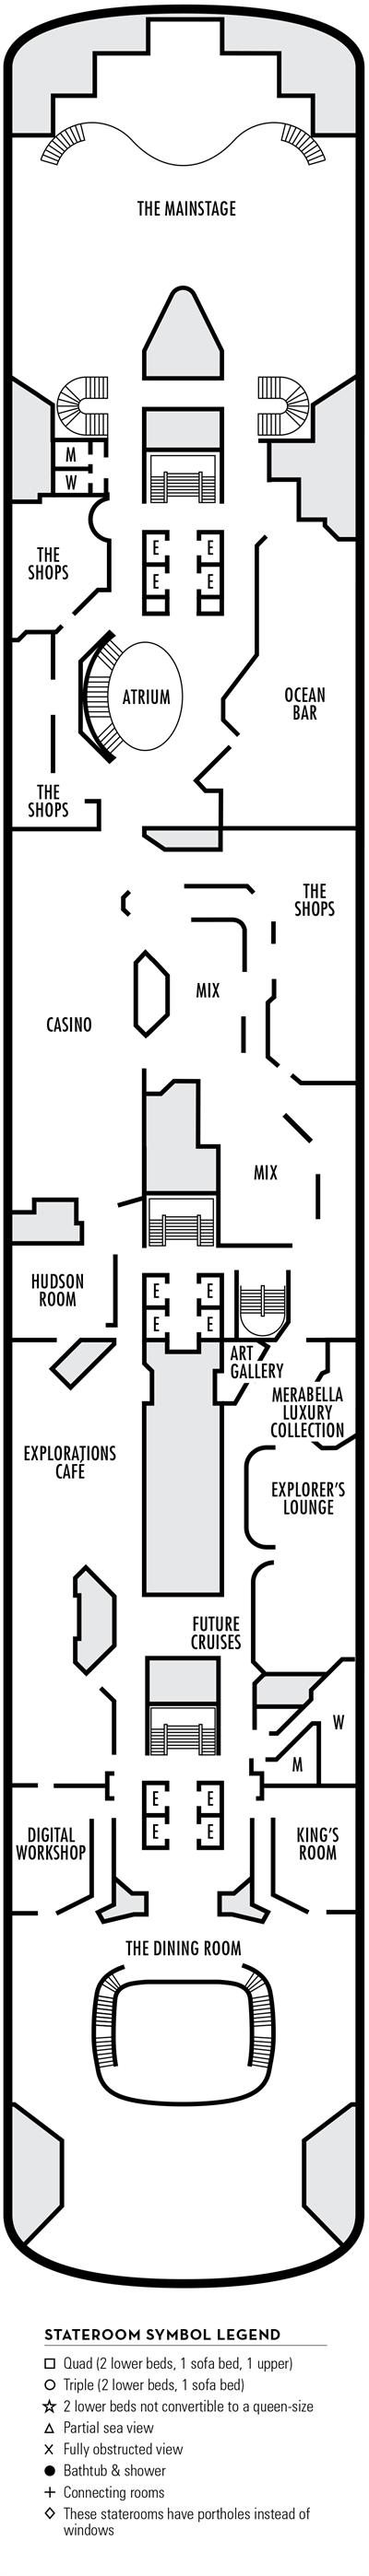 Deck 5 - MS Volendam by HAL